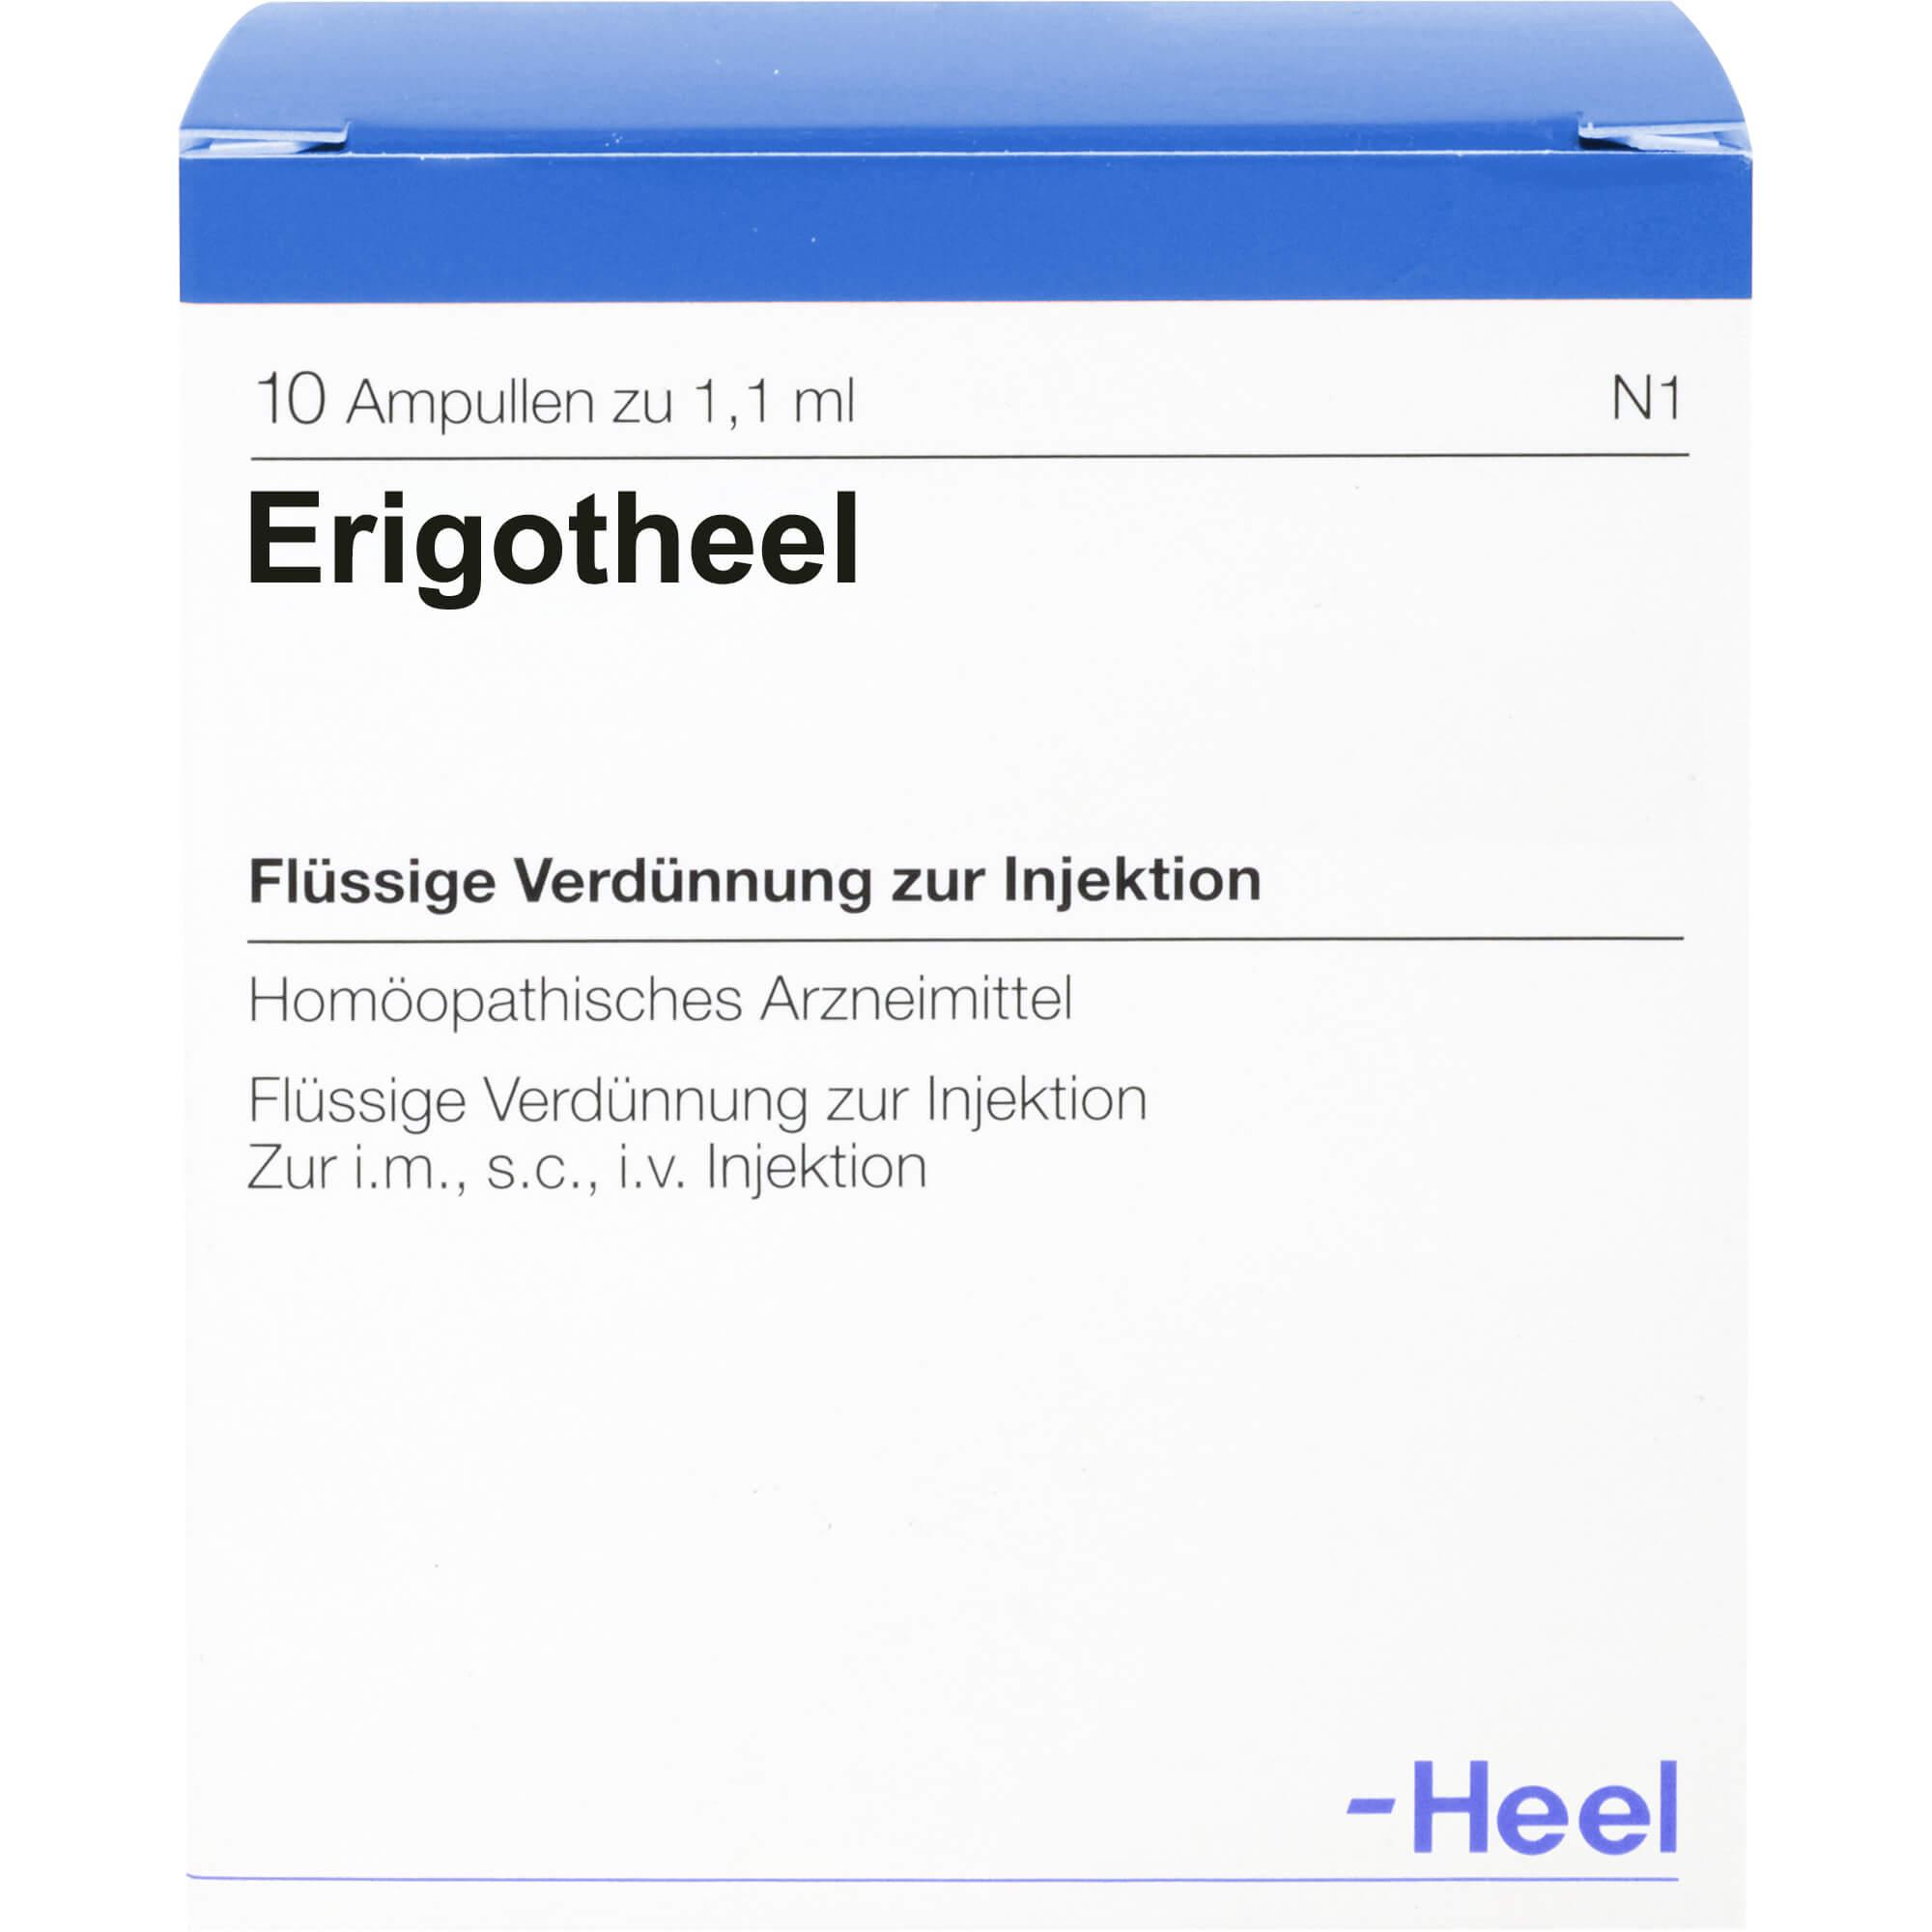 ERIGOTHEEL Ampullen